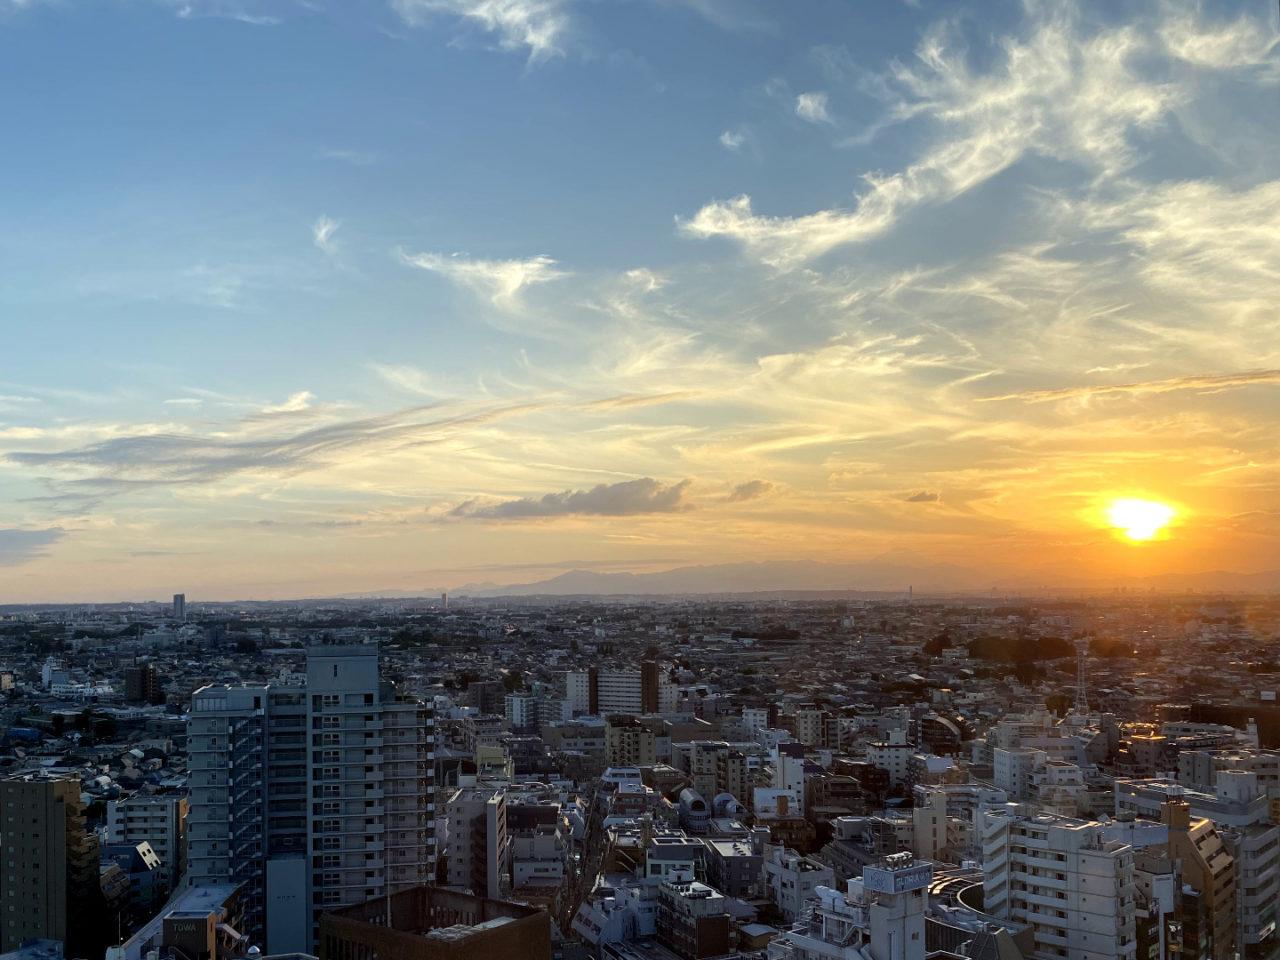 夕陽が落ちていく、一日が終わろうとしている。